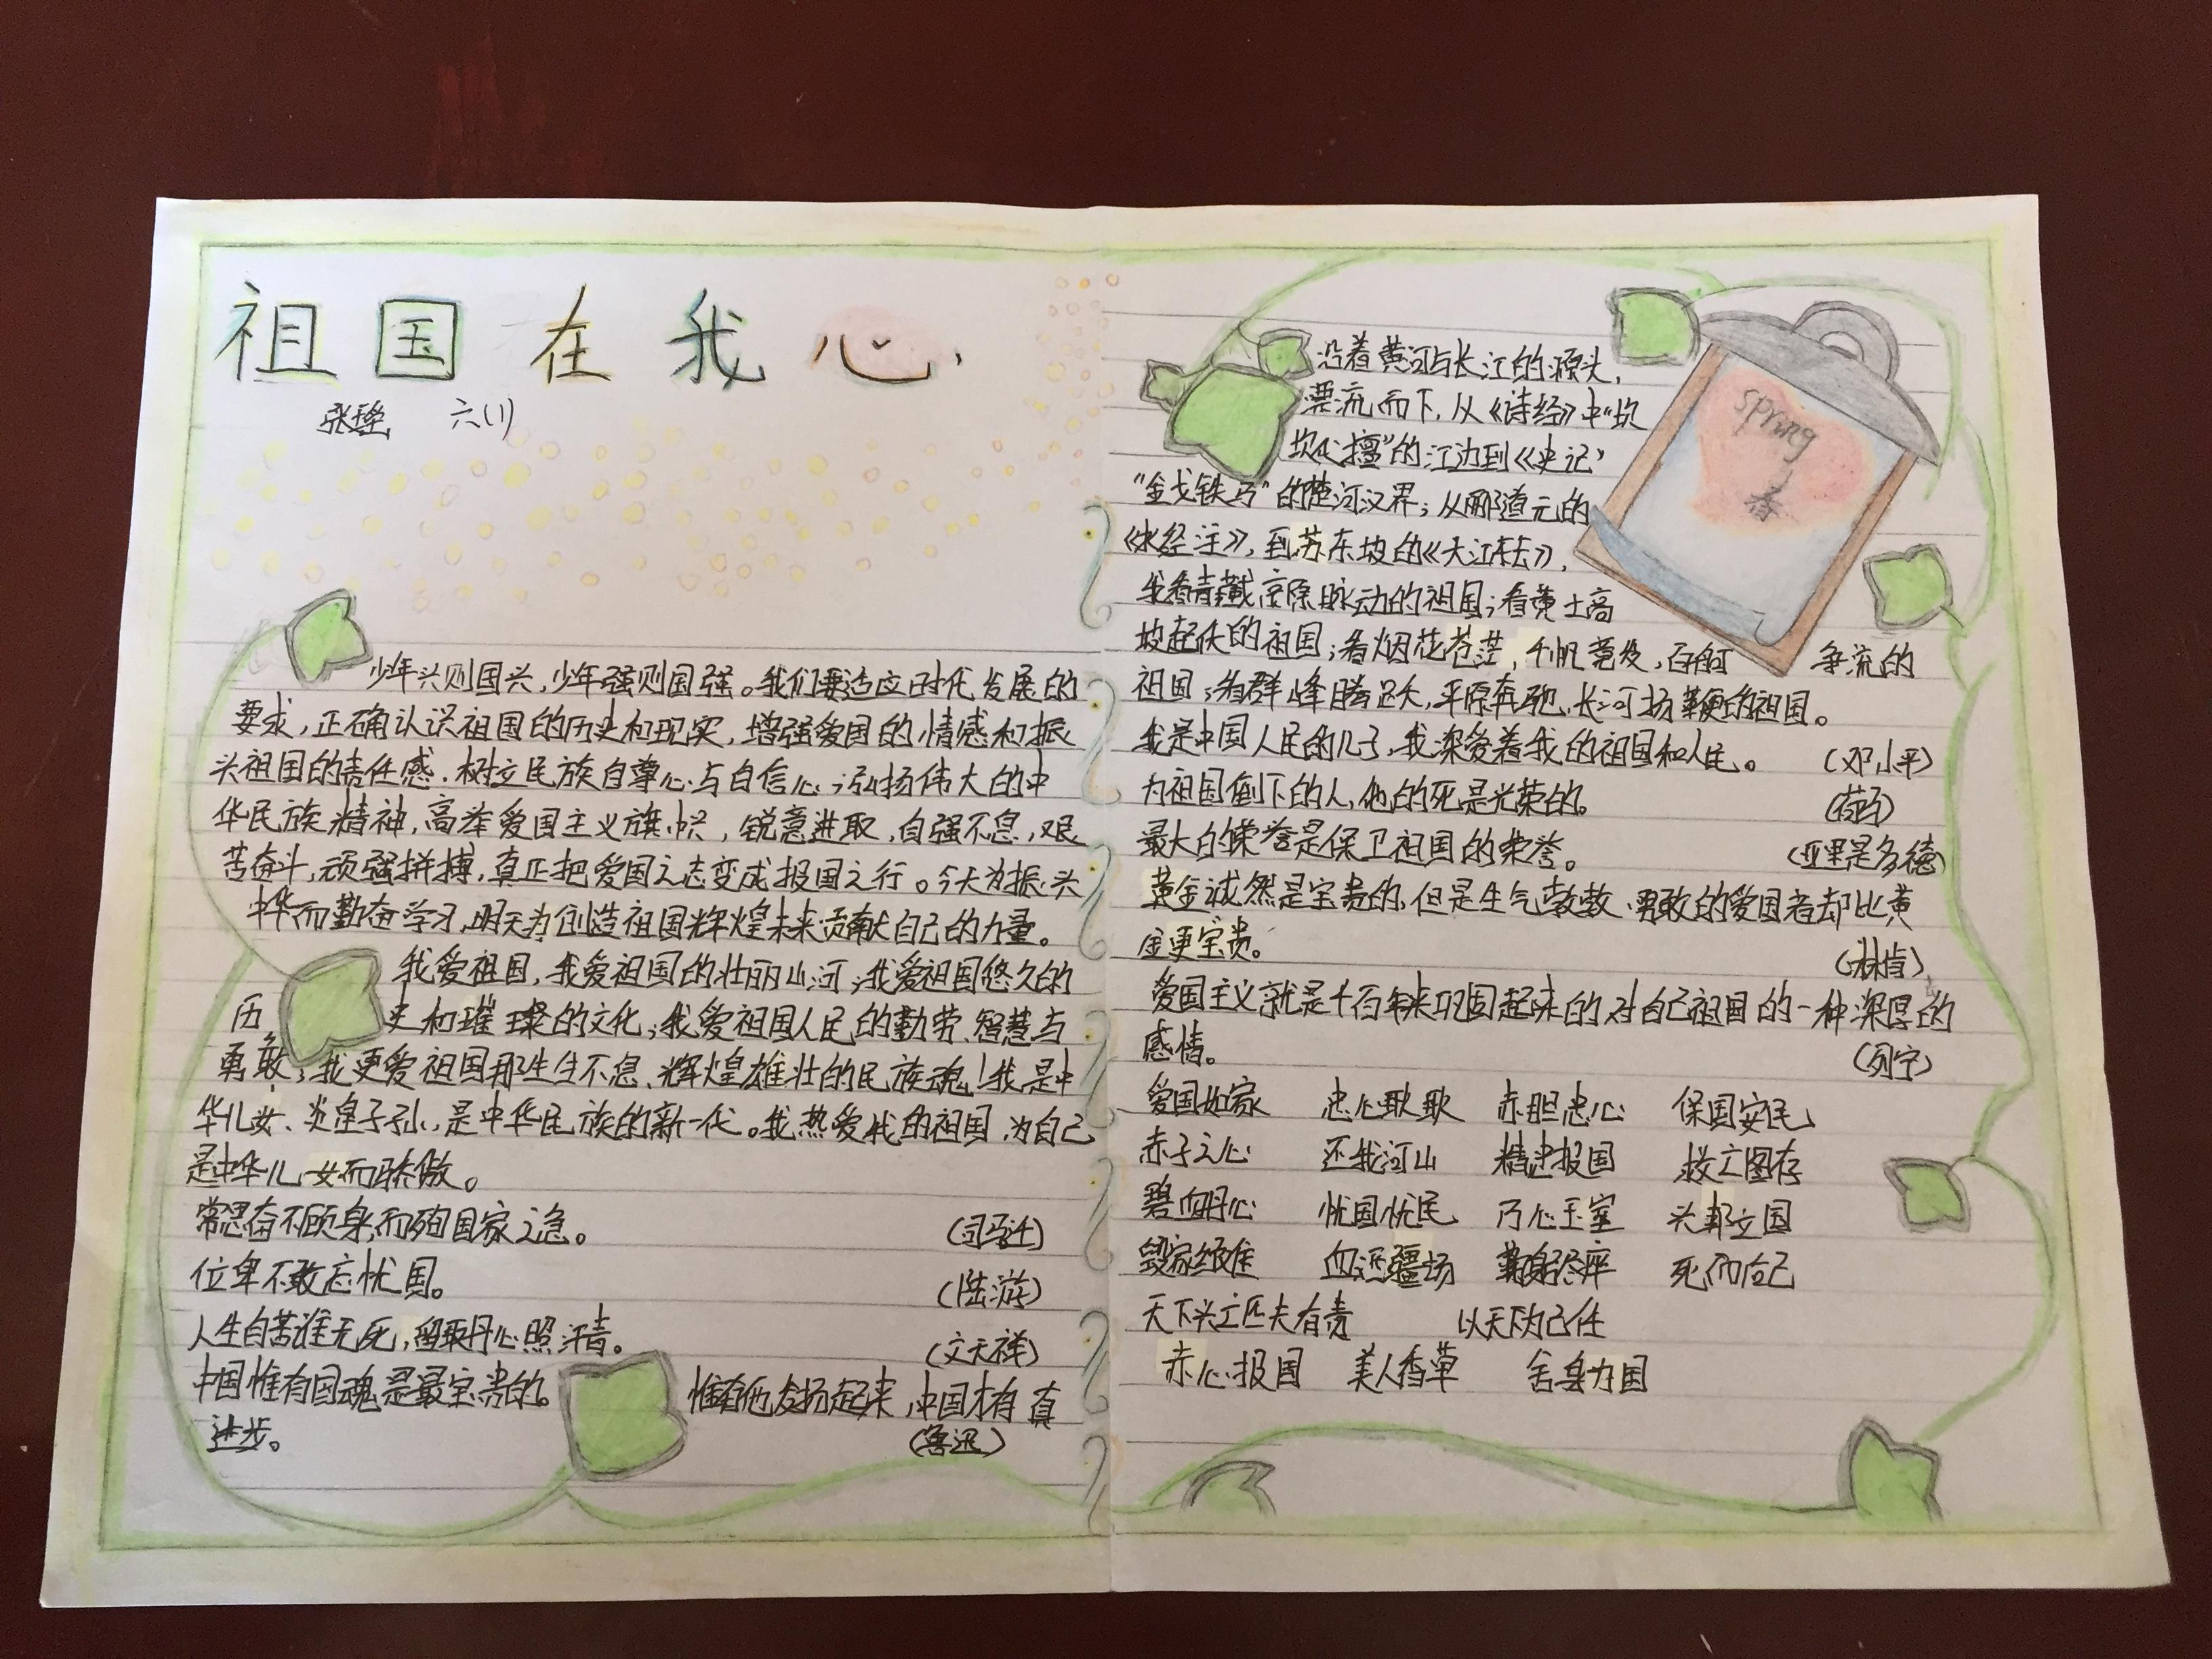 《祖国在我心中》手抄报 - 各地中小学开学典礼交流